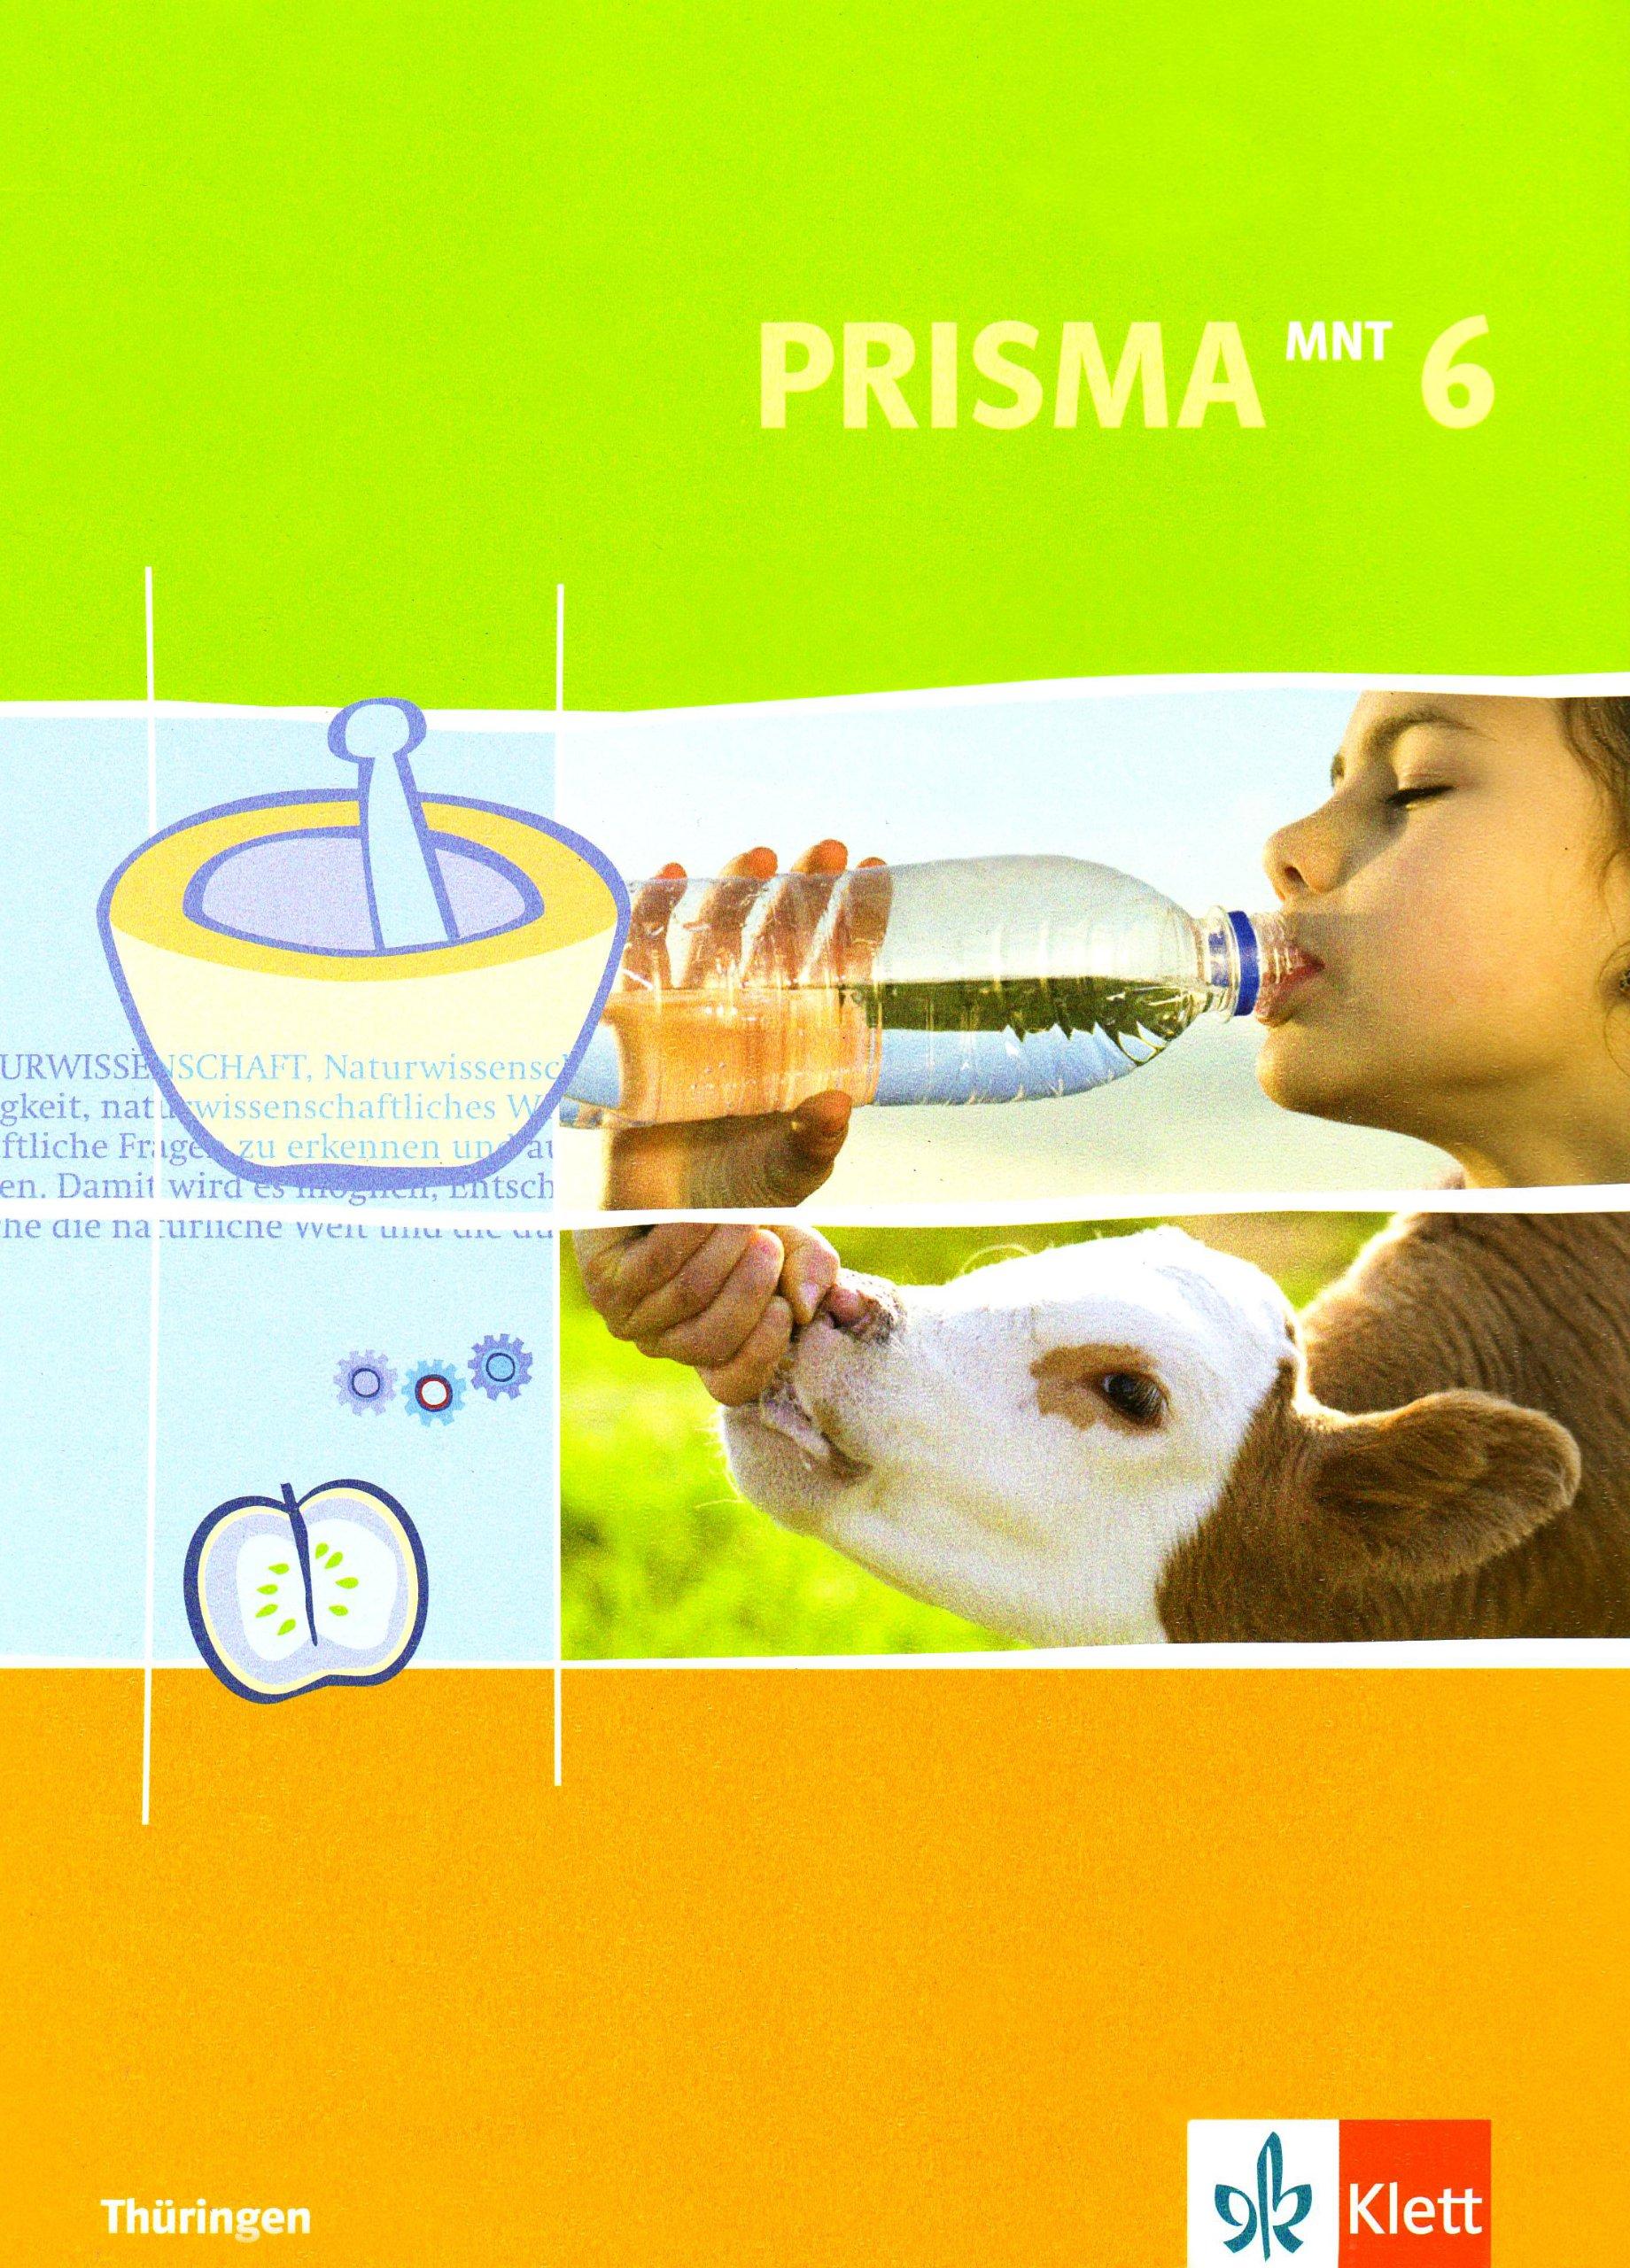 Prisma Mensch - Natur - Technik für Thüringen / Schülerbuch 6. Schuljahr